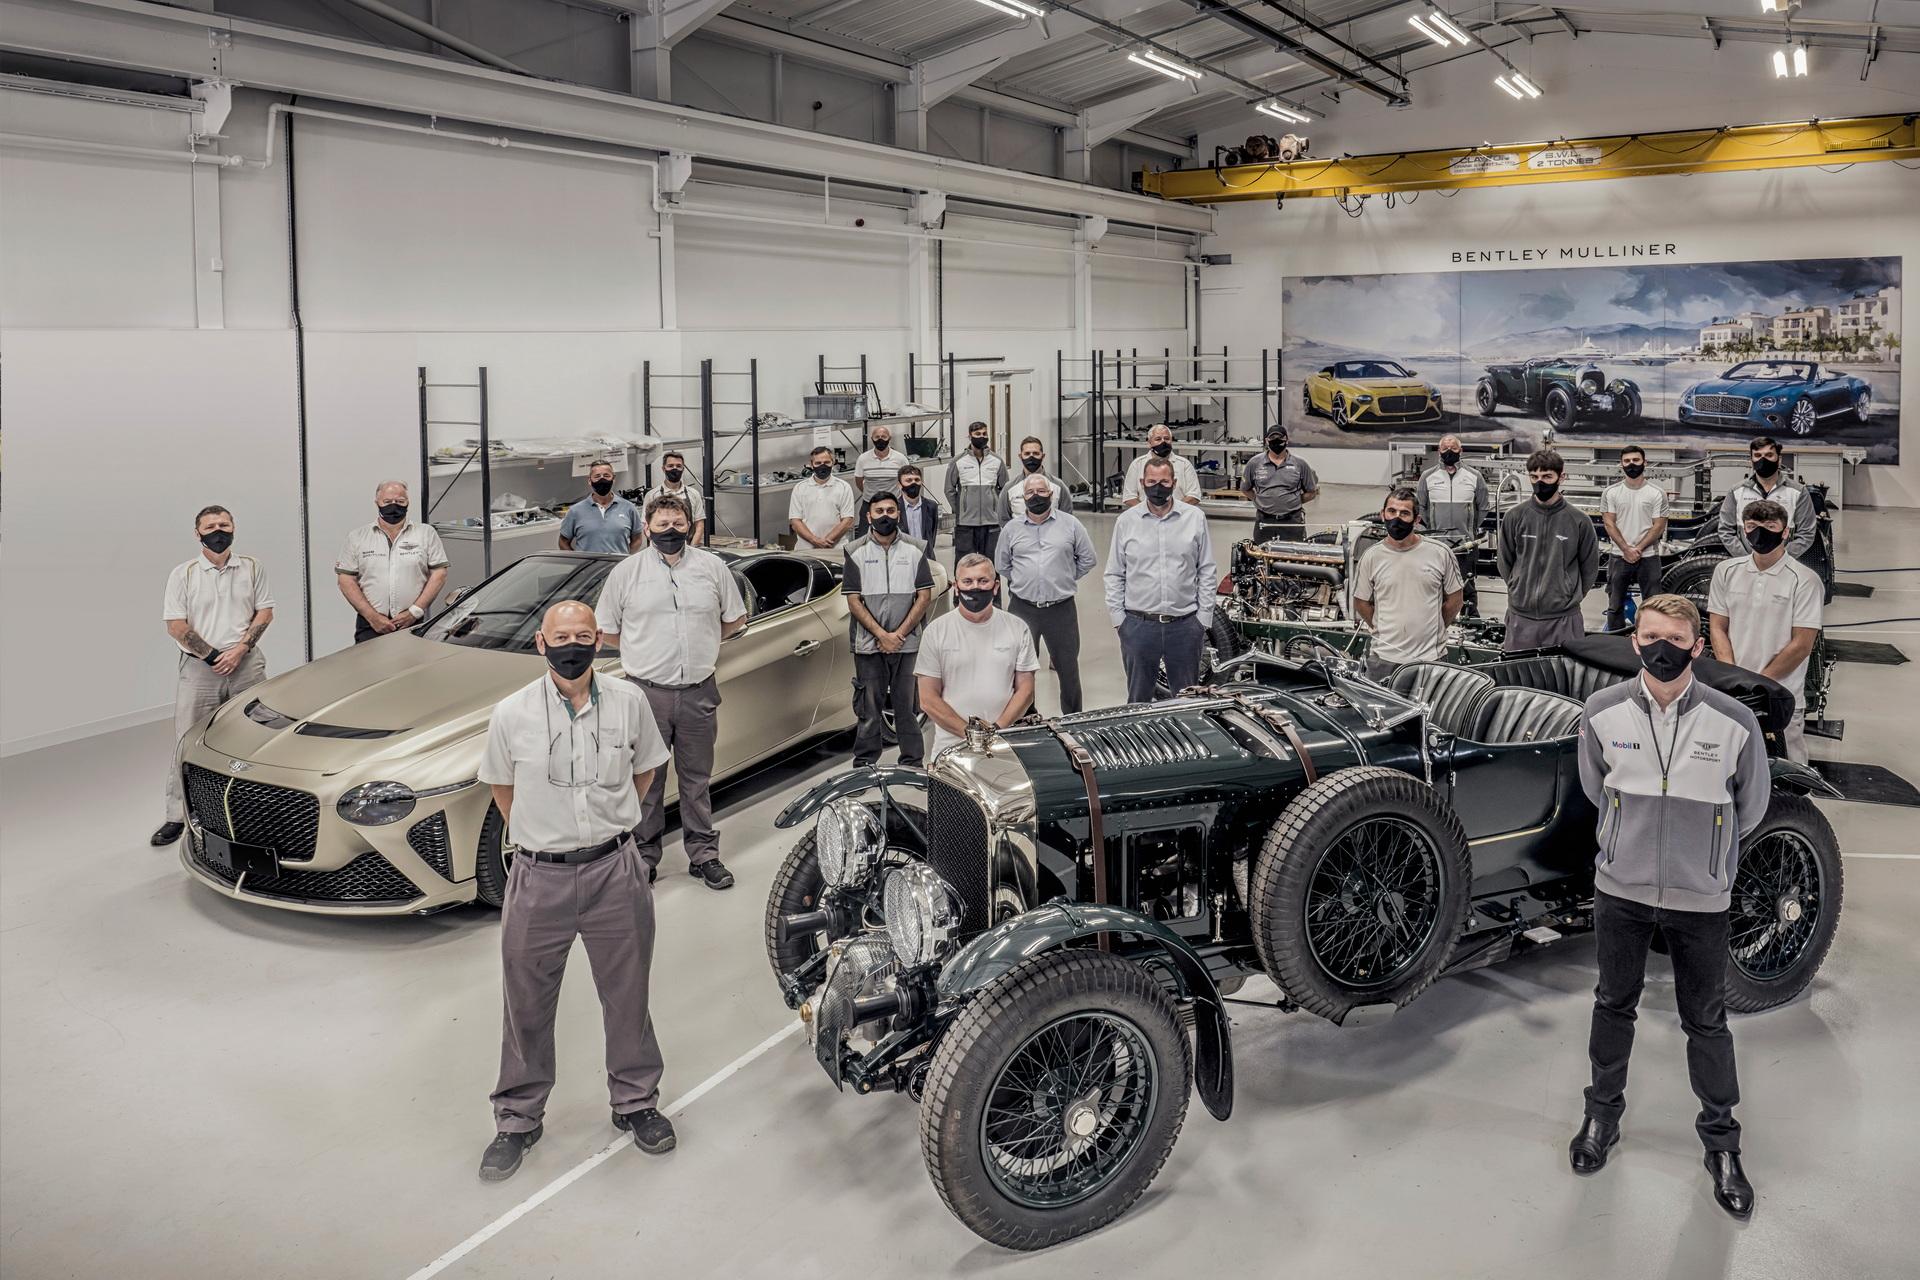 بنتلي تضع اللمسات الأخيرة على إنتاج أول سيارة باكالار بمحرك W12 وقوة 650 حصان